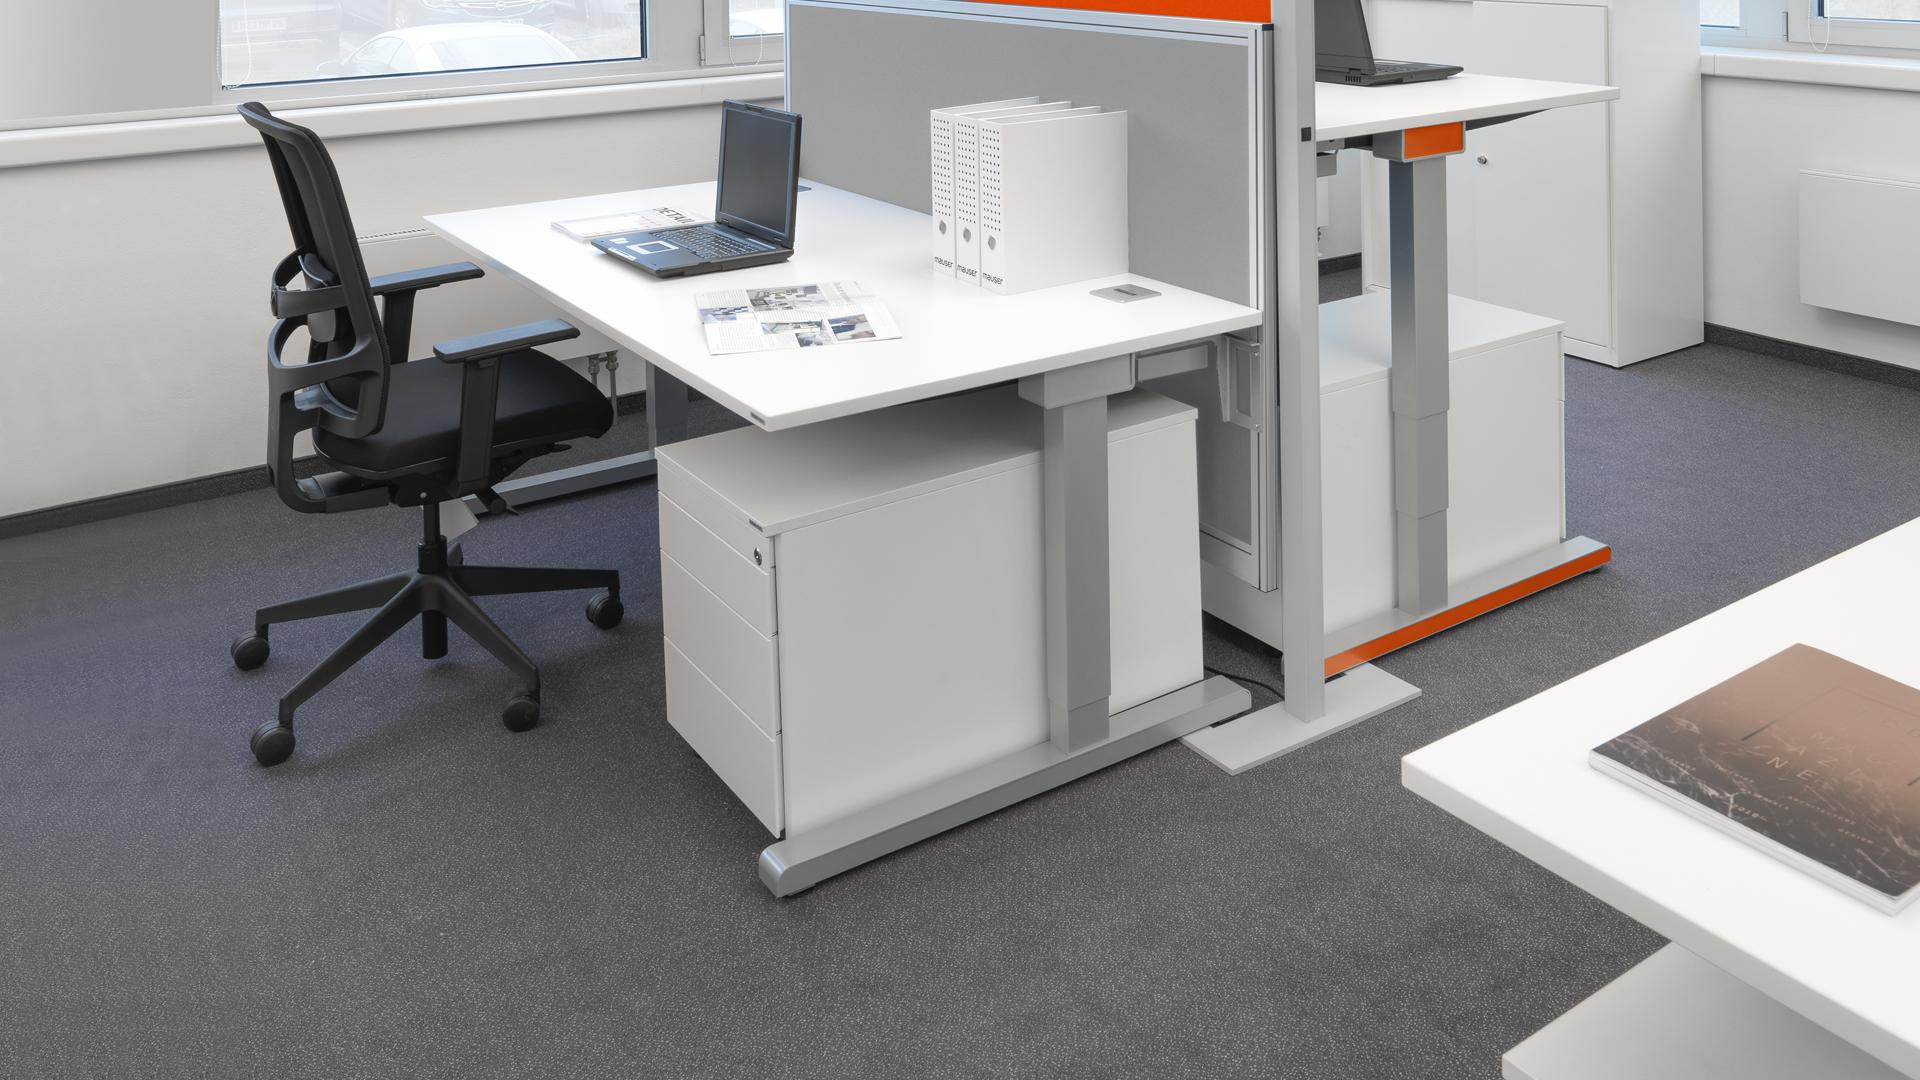 Schreibtisch-Arbeitstisch-hoehenverstellbar-Steh-Sitzarbeitsplatz-orange-varitos-c-mauser-slider